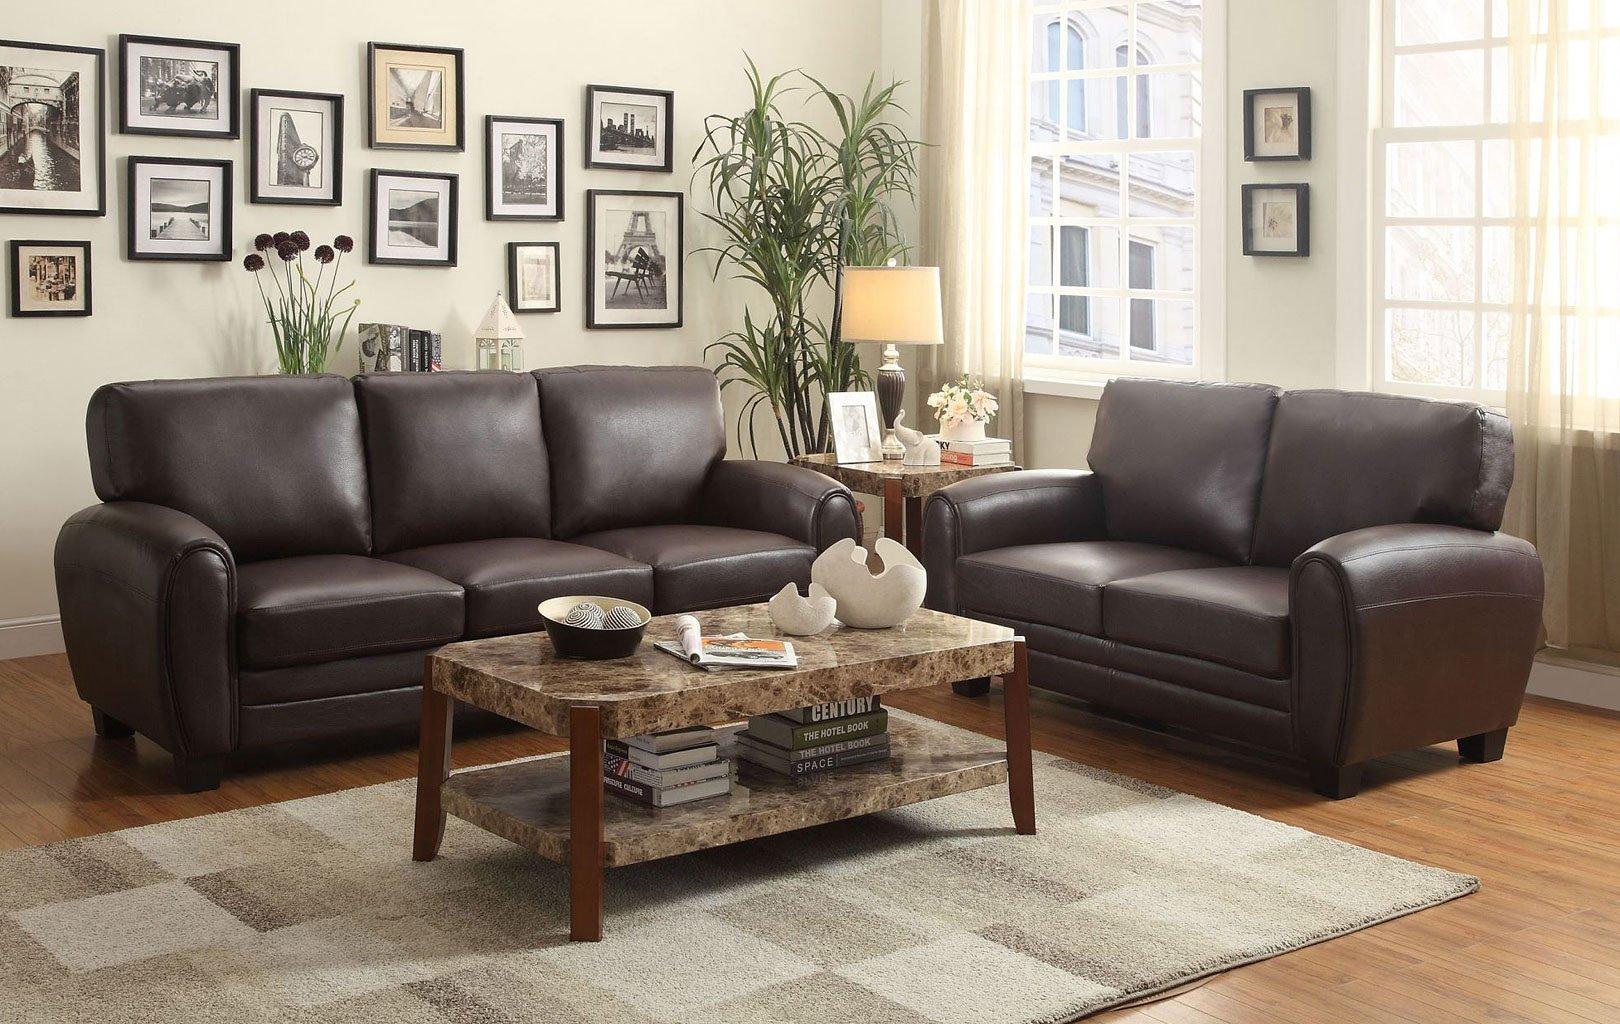 Beau Rubin Living Room Set (Dark Brown)